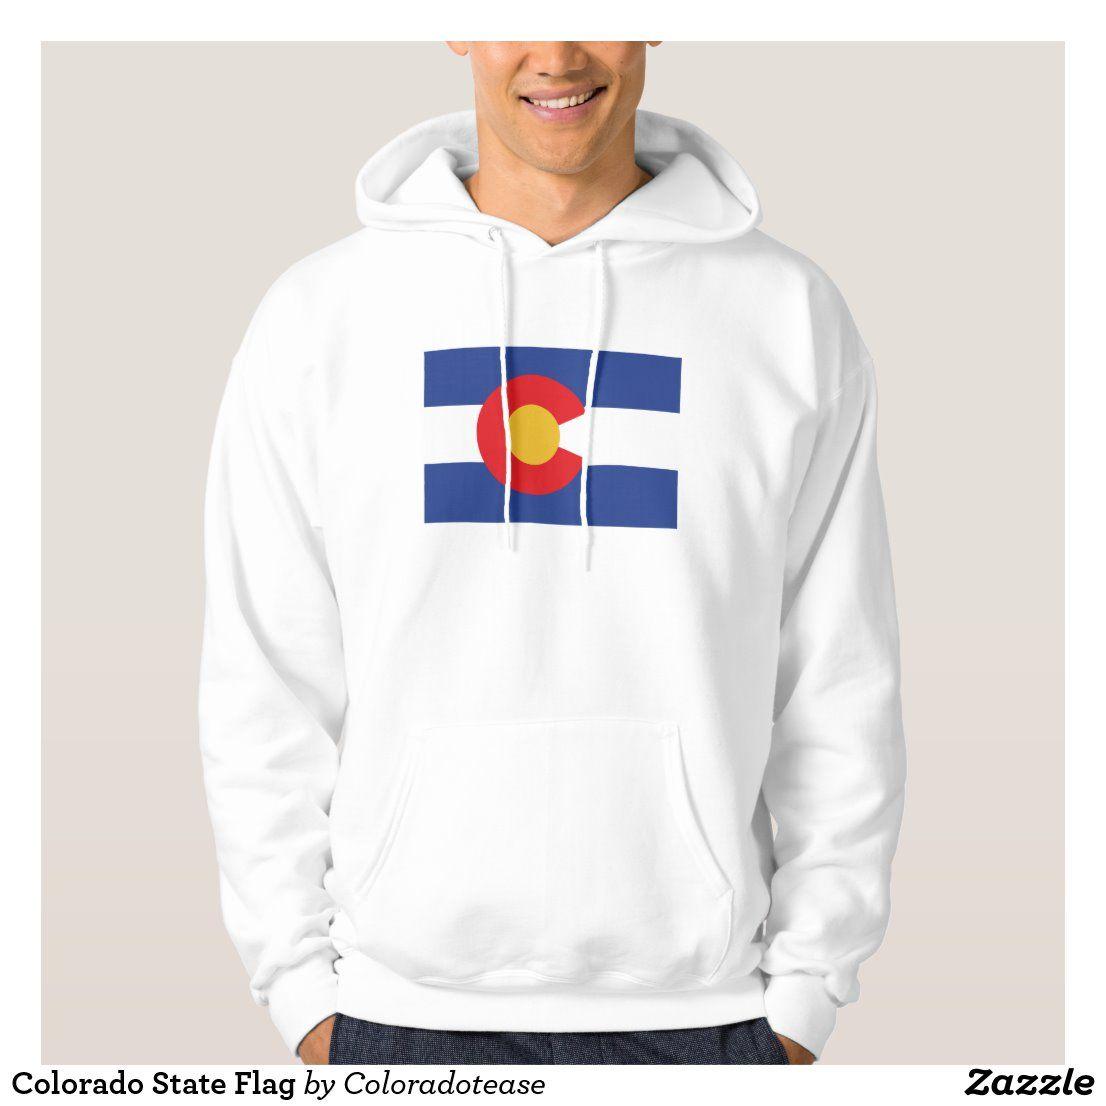 Colorado State Flag Hoodie Zazzle Com Colorado State Flag Flag Hoodie Hoodies [ 1106 x 1106 Pixel ]